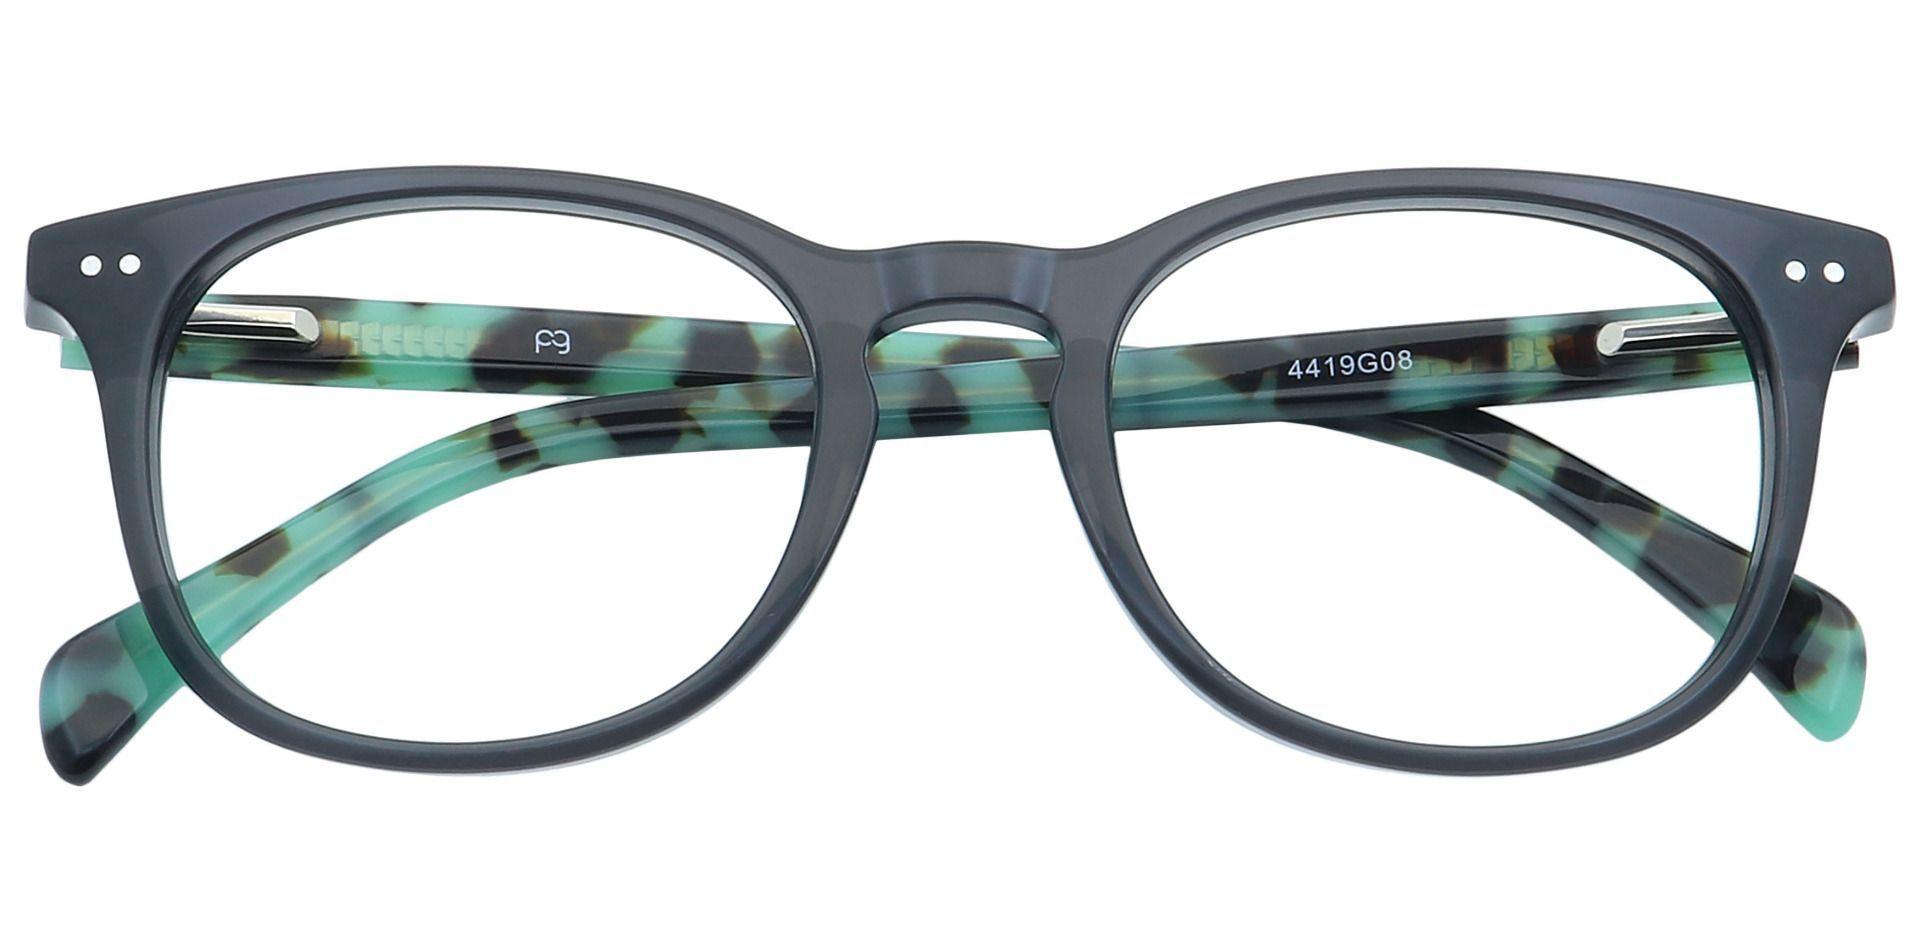 Marble Oval Prescription Glasses - Gray